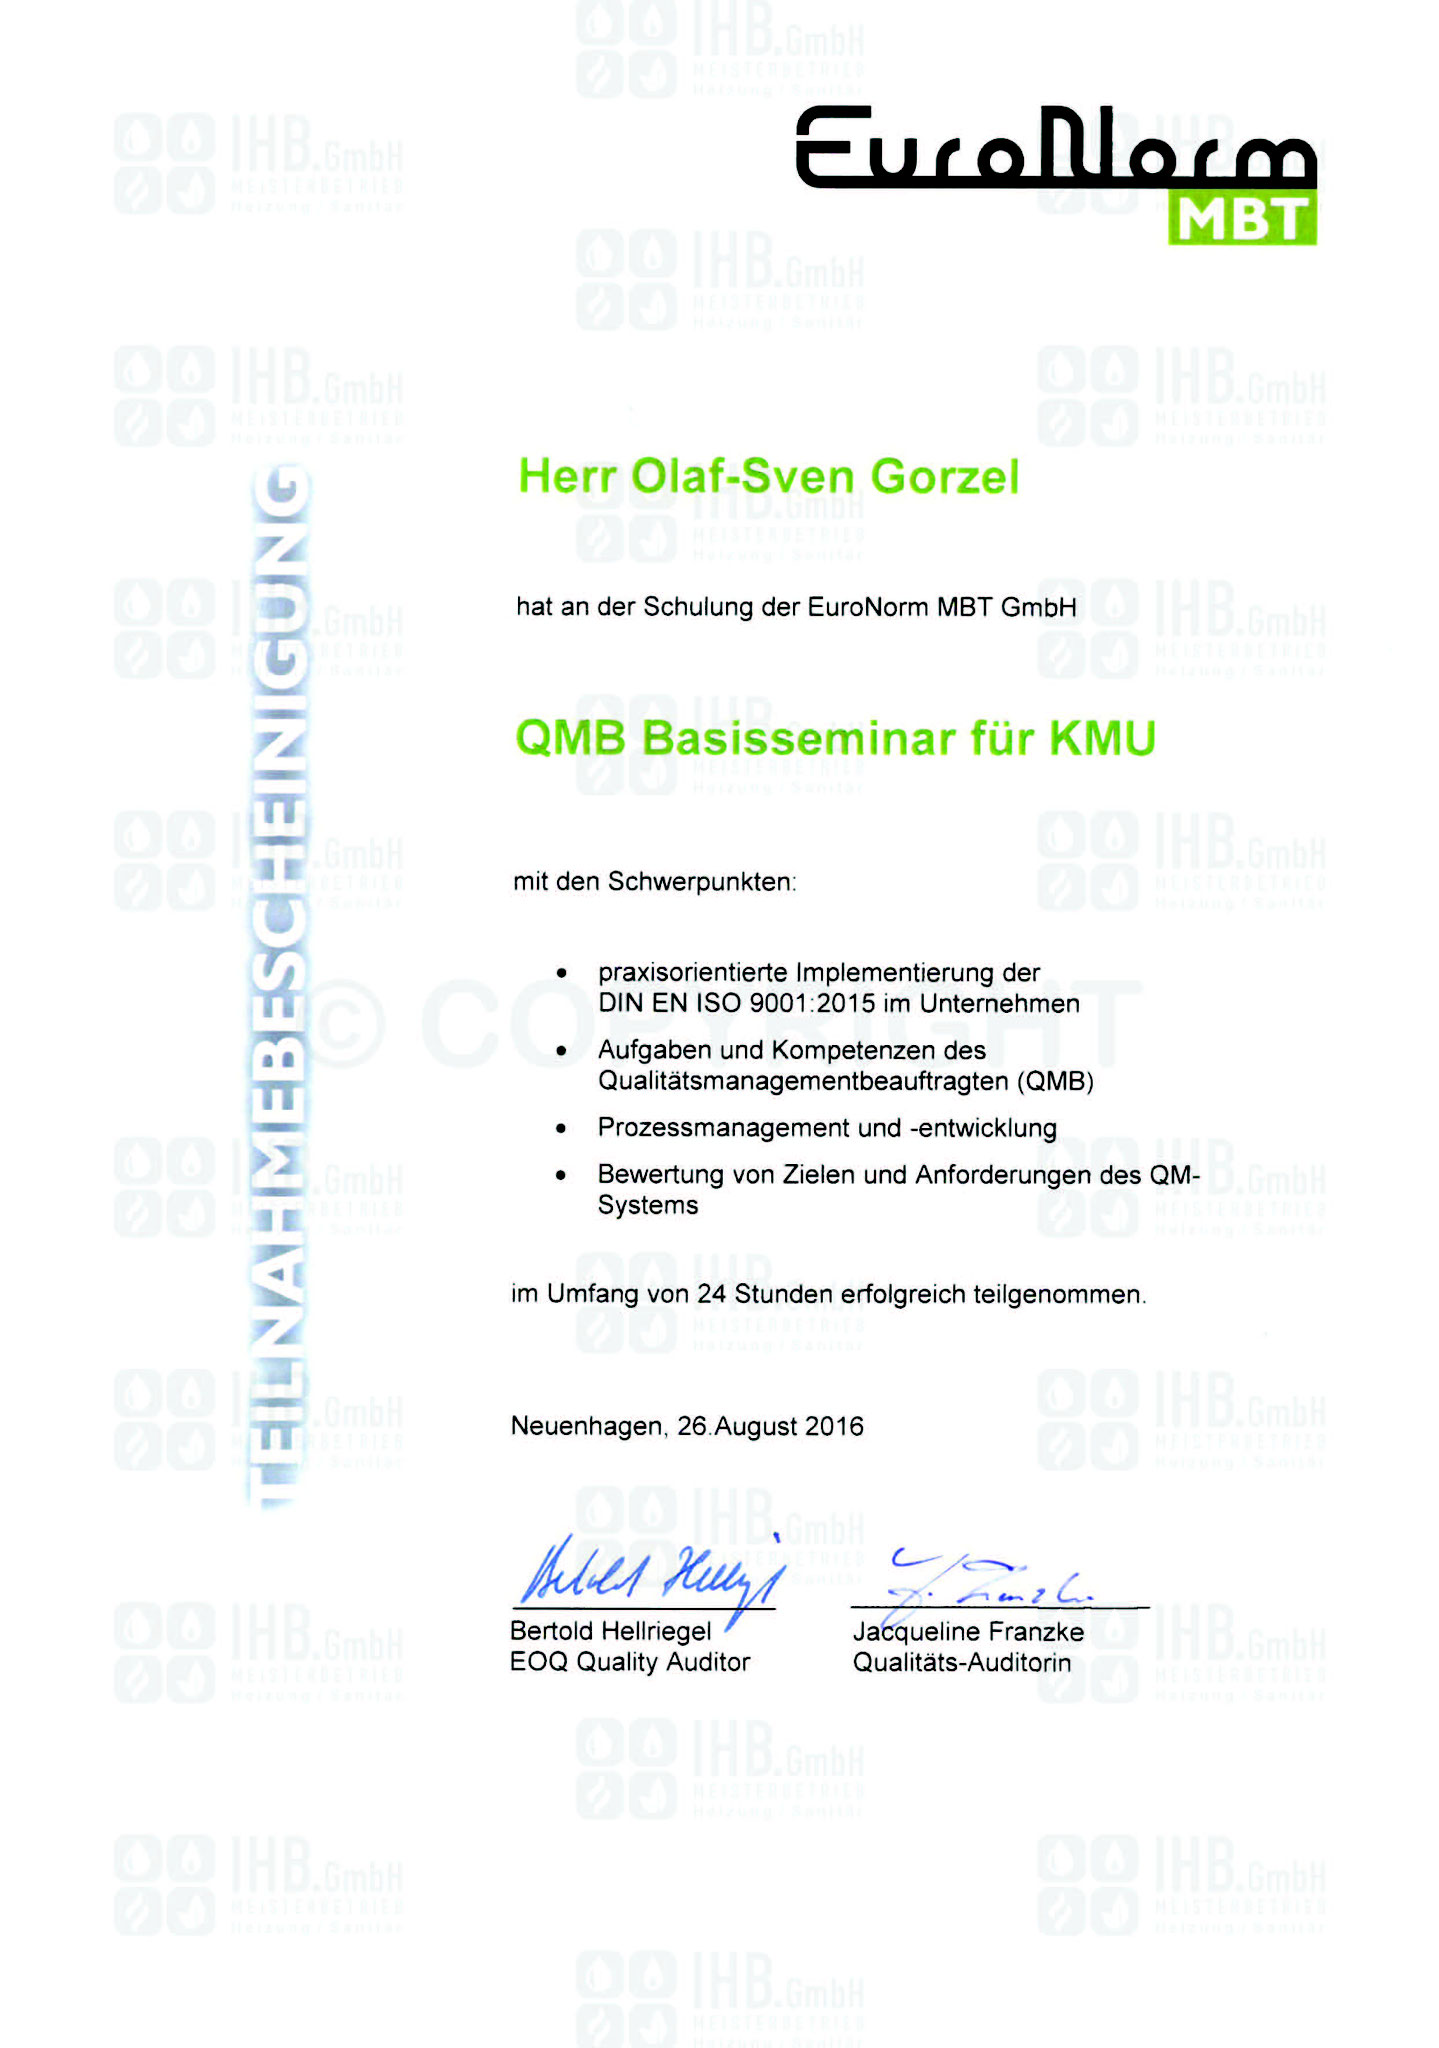 Qualitätsmanagement Basisseminar für KMU